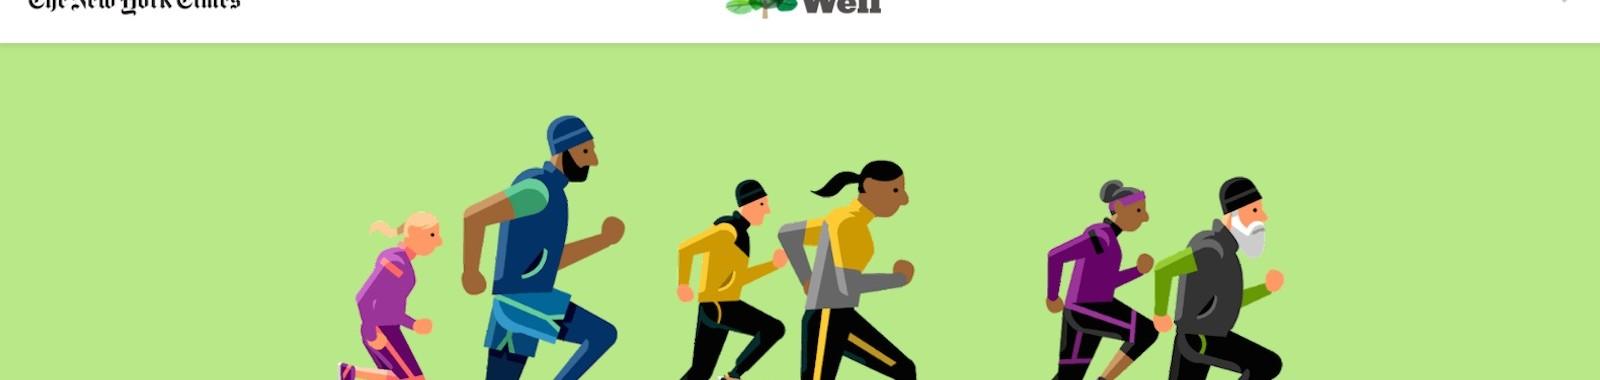 well-banner-1600x380